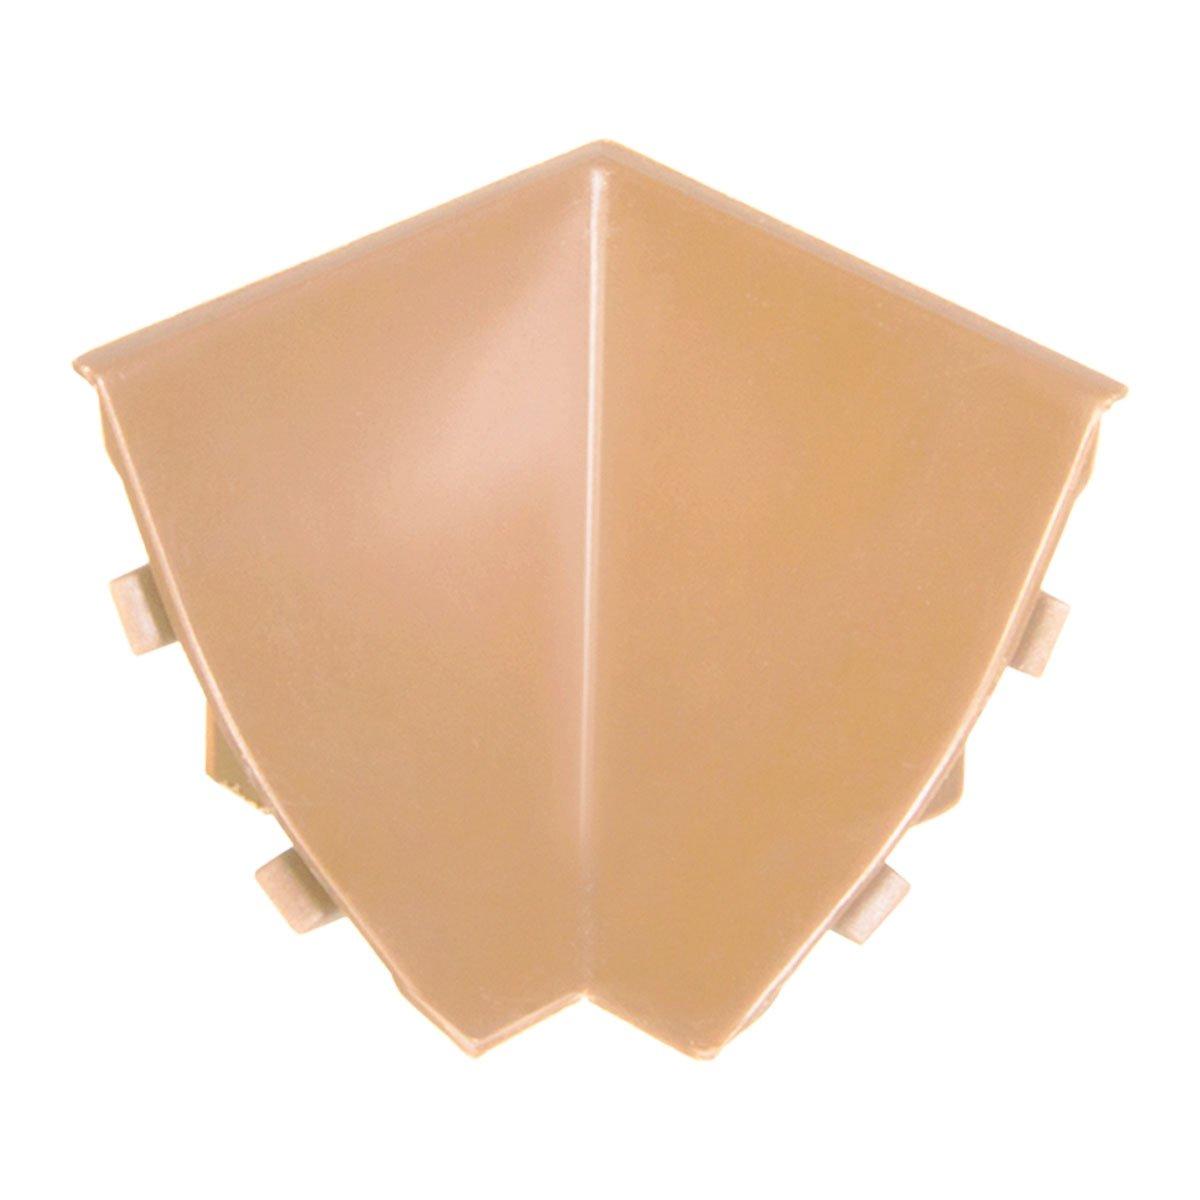 HOLZBRINK Rinconera Interior para el Copete de Encimera Haya Listón de Acabado PVC Copete para Encimeras de Cocina 23x23 mm: Amazon.es: Bricolaje y ...